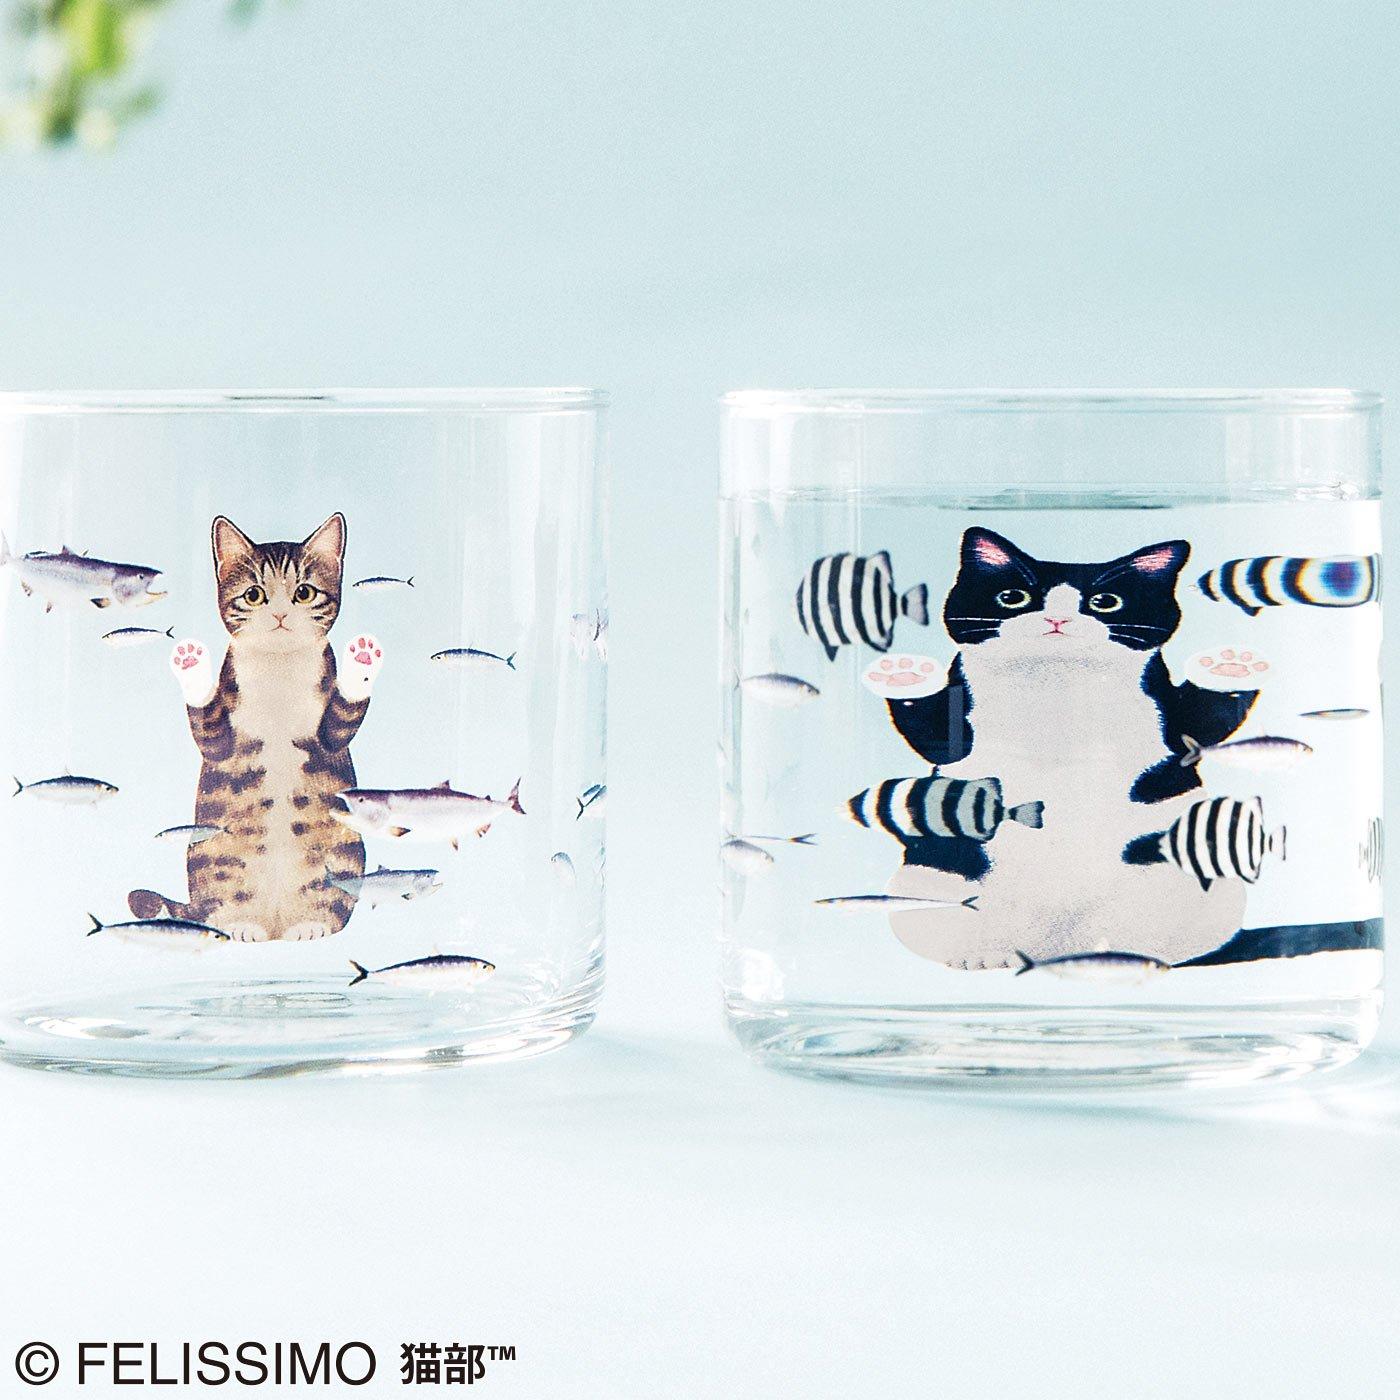 おいしそうだニャ~ 猫さん夢の水族館グラスの会